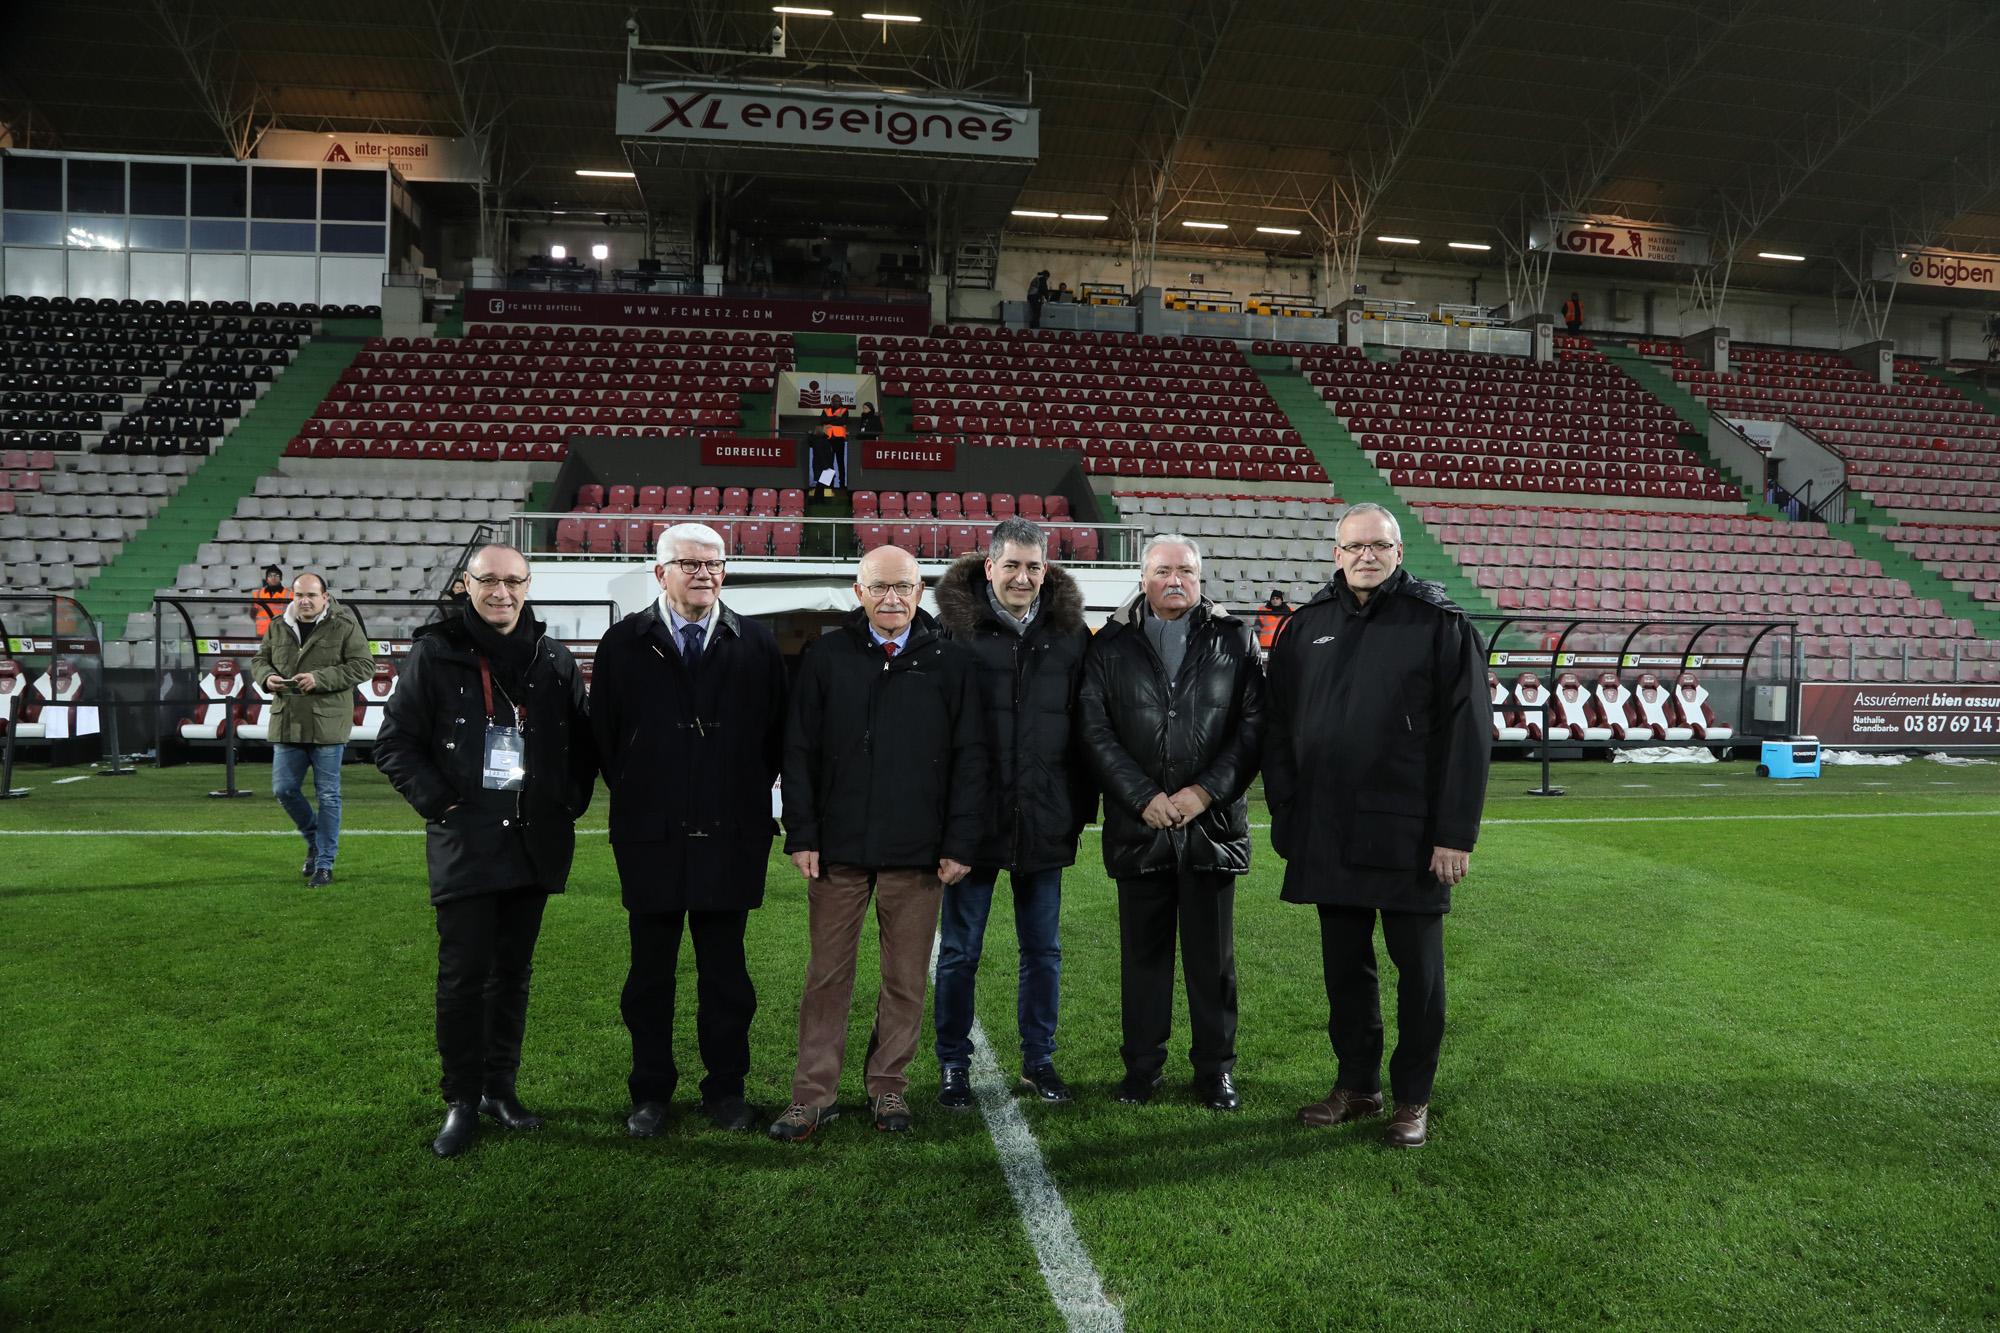 Conférence de presse _Tribune Sud stade Saint-Symphorien_ 1